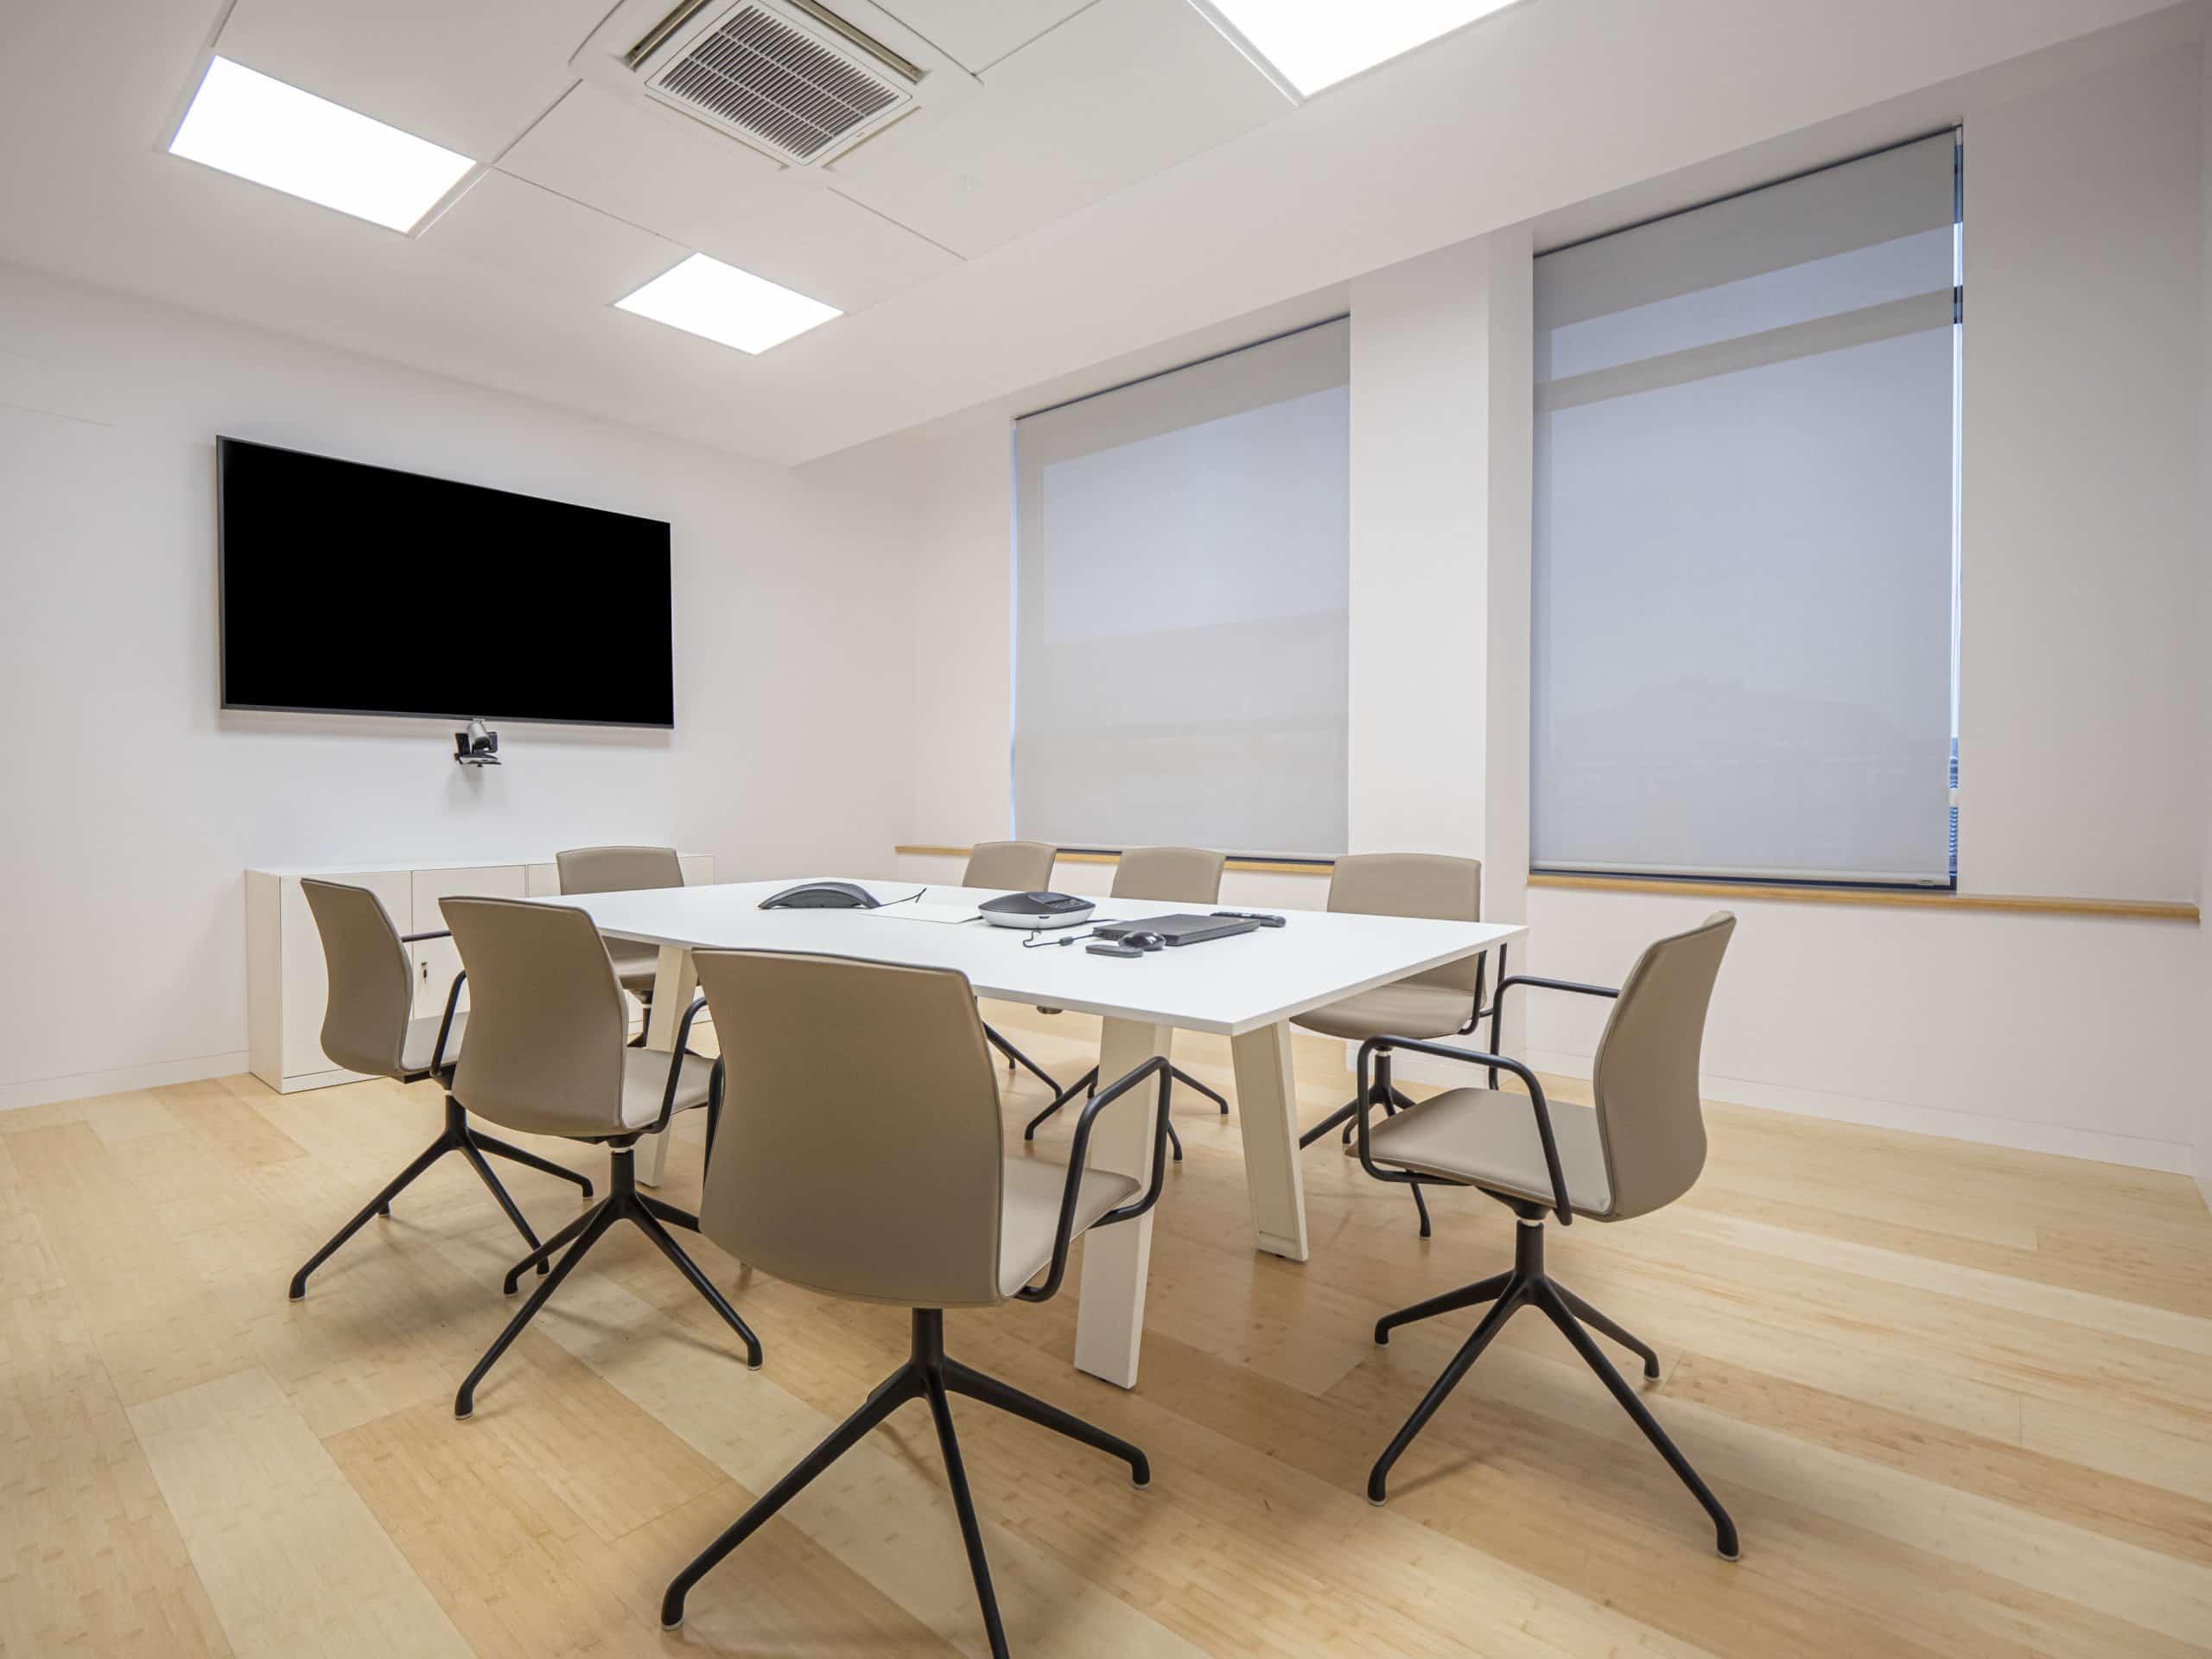 Imagen del equipamiento sala de reuniones Zendal